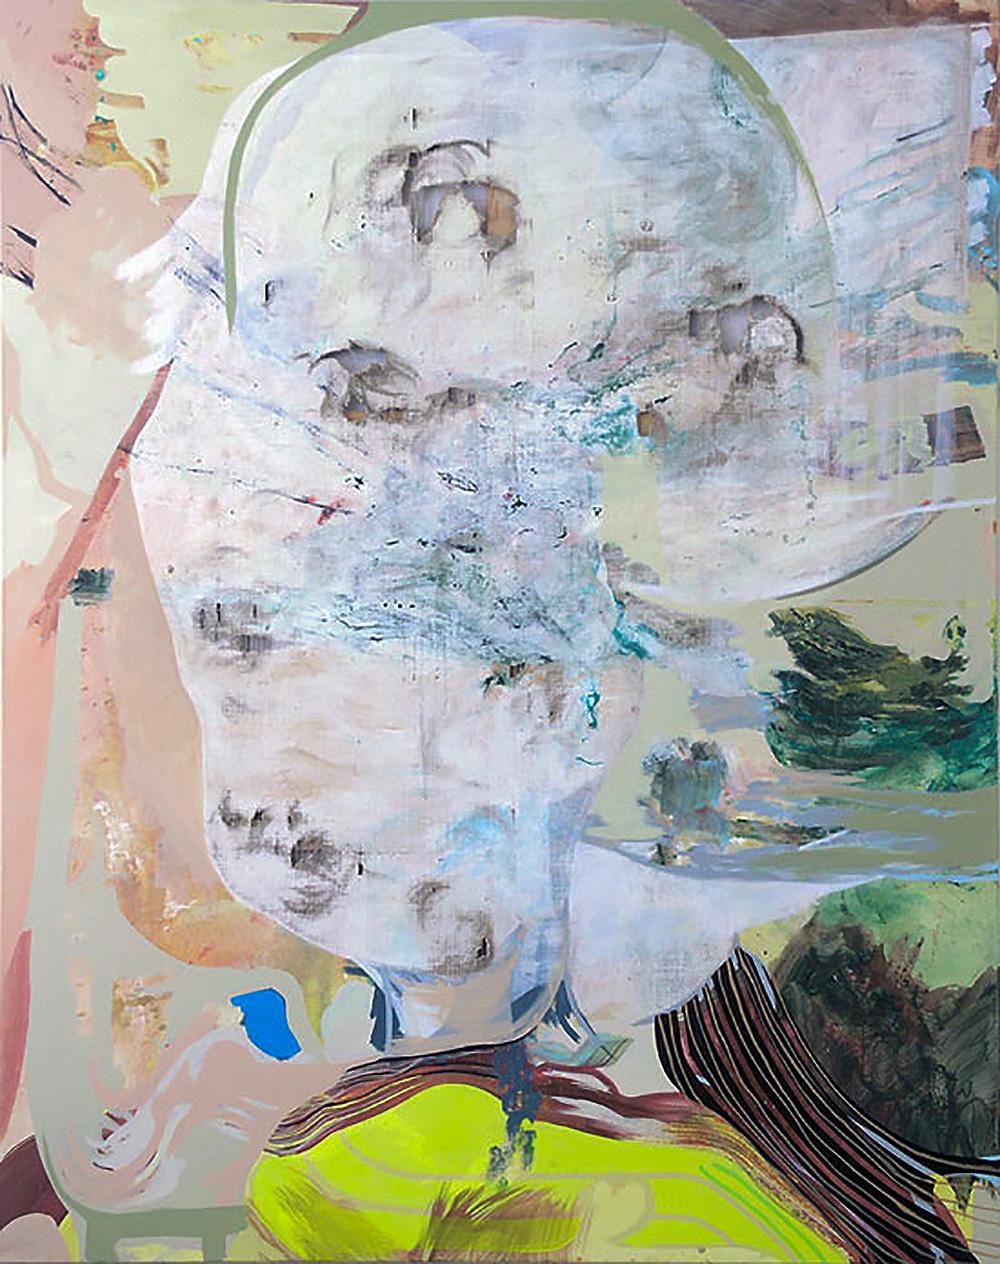 The Multiple Eyed | 2010 | Acryl und Öl auf Leinwand | 240 x 190 cm